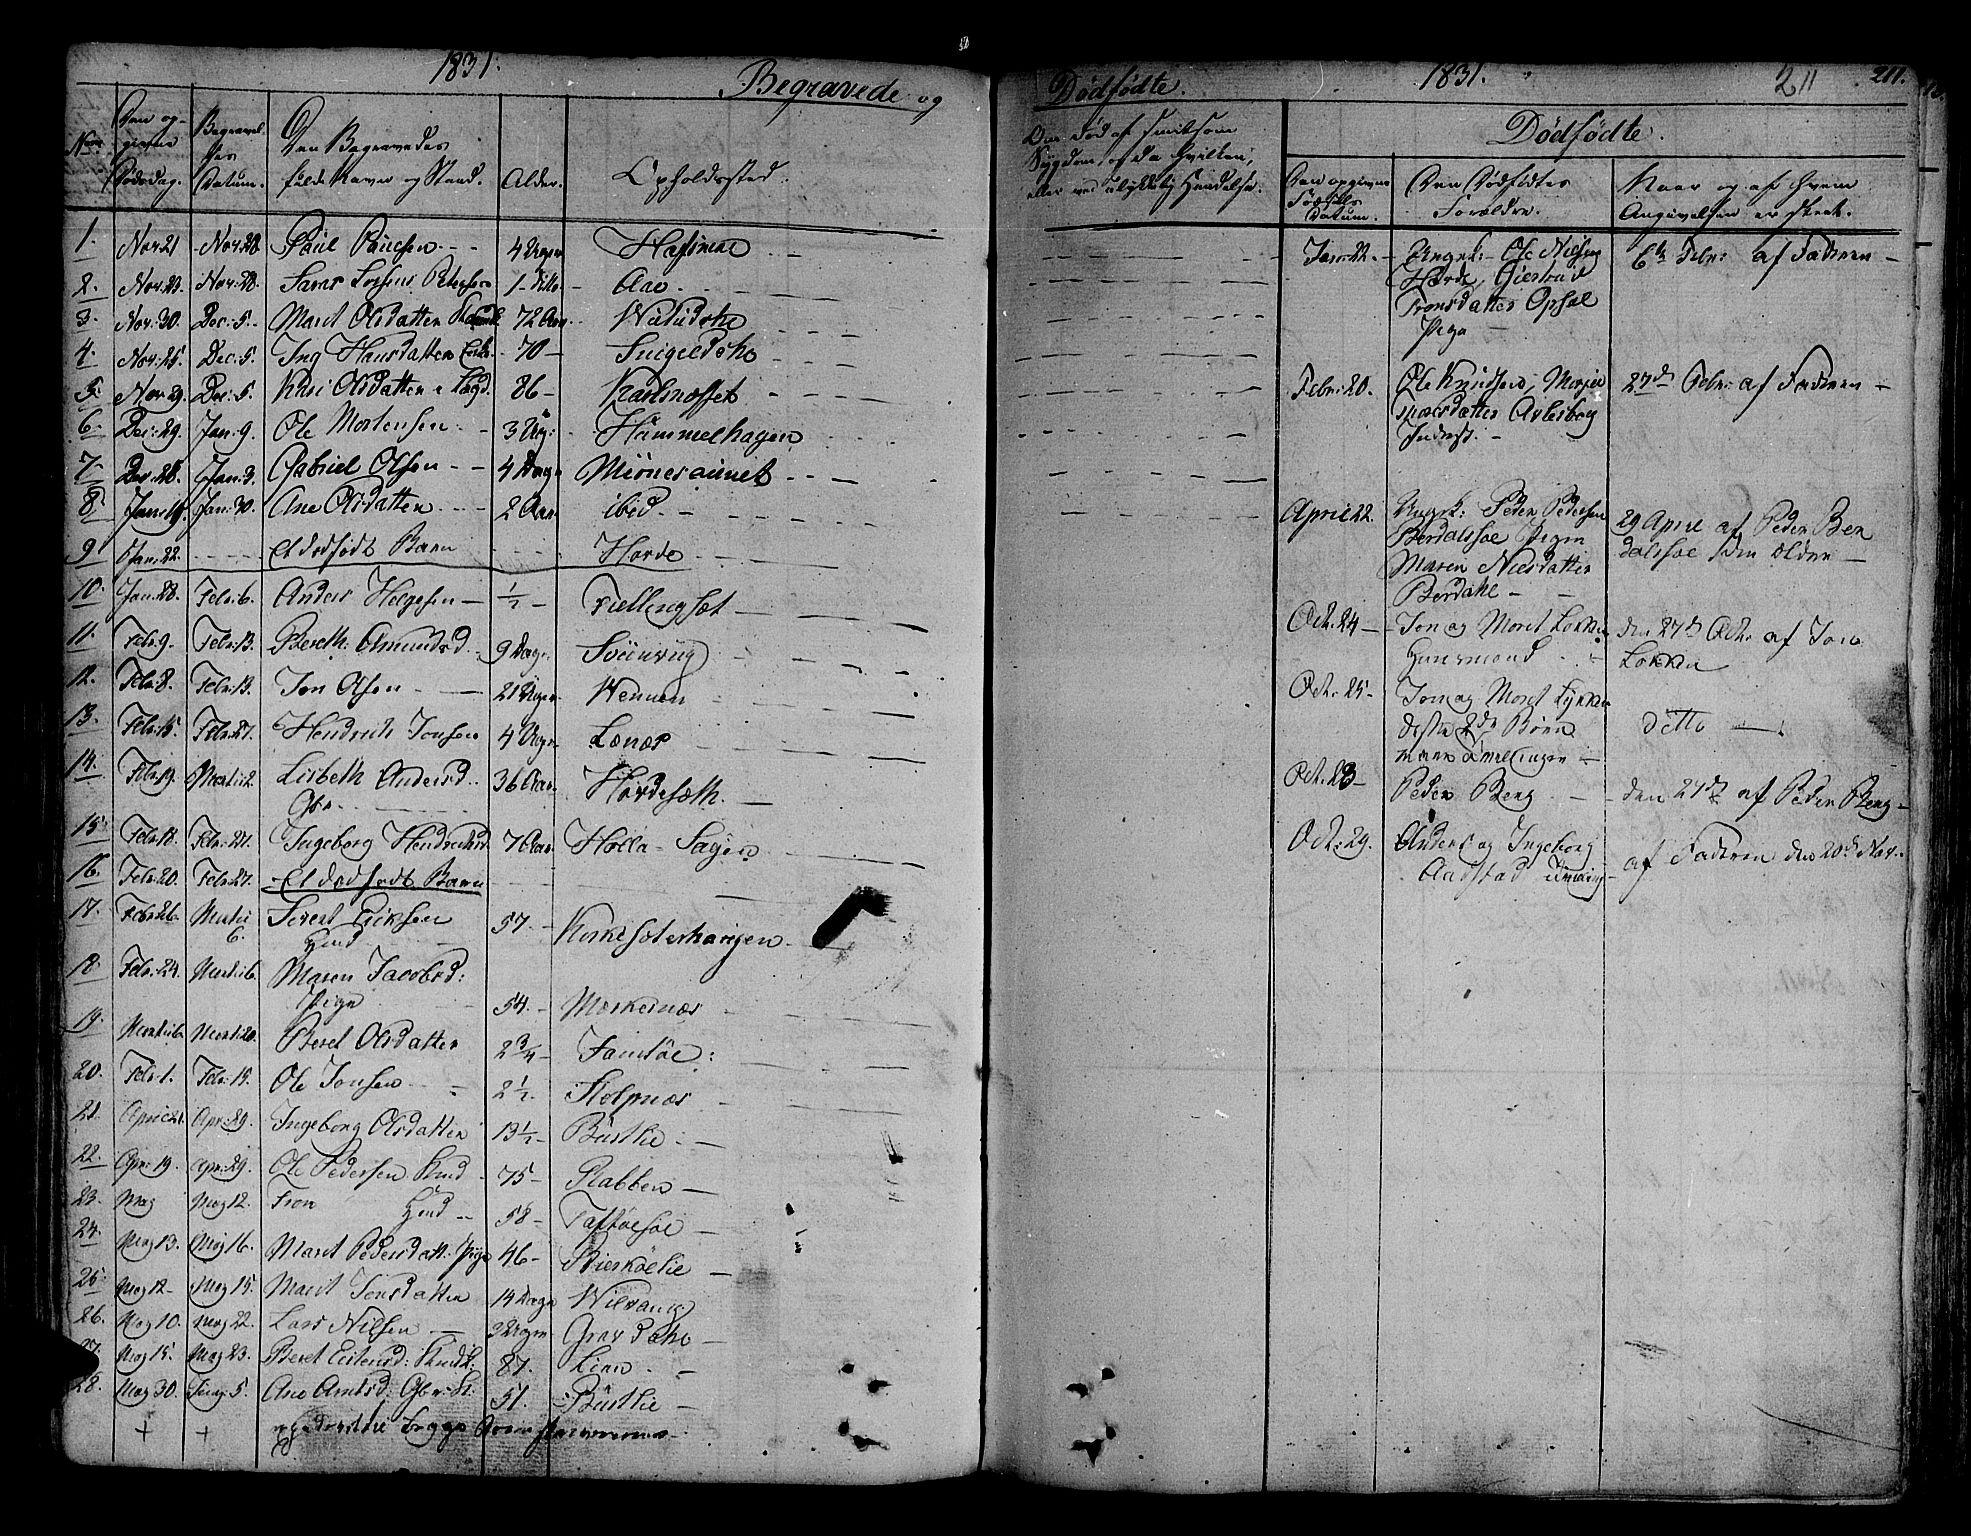 SAT, Ministerialprotokoller, klokkerbøker og fødselsregistre - Sør-Trøndelag, 630/L0492: Ministerialbok nr. 630A05, 1830-1840, s. 211